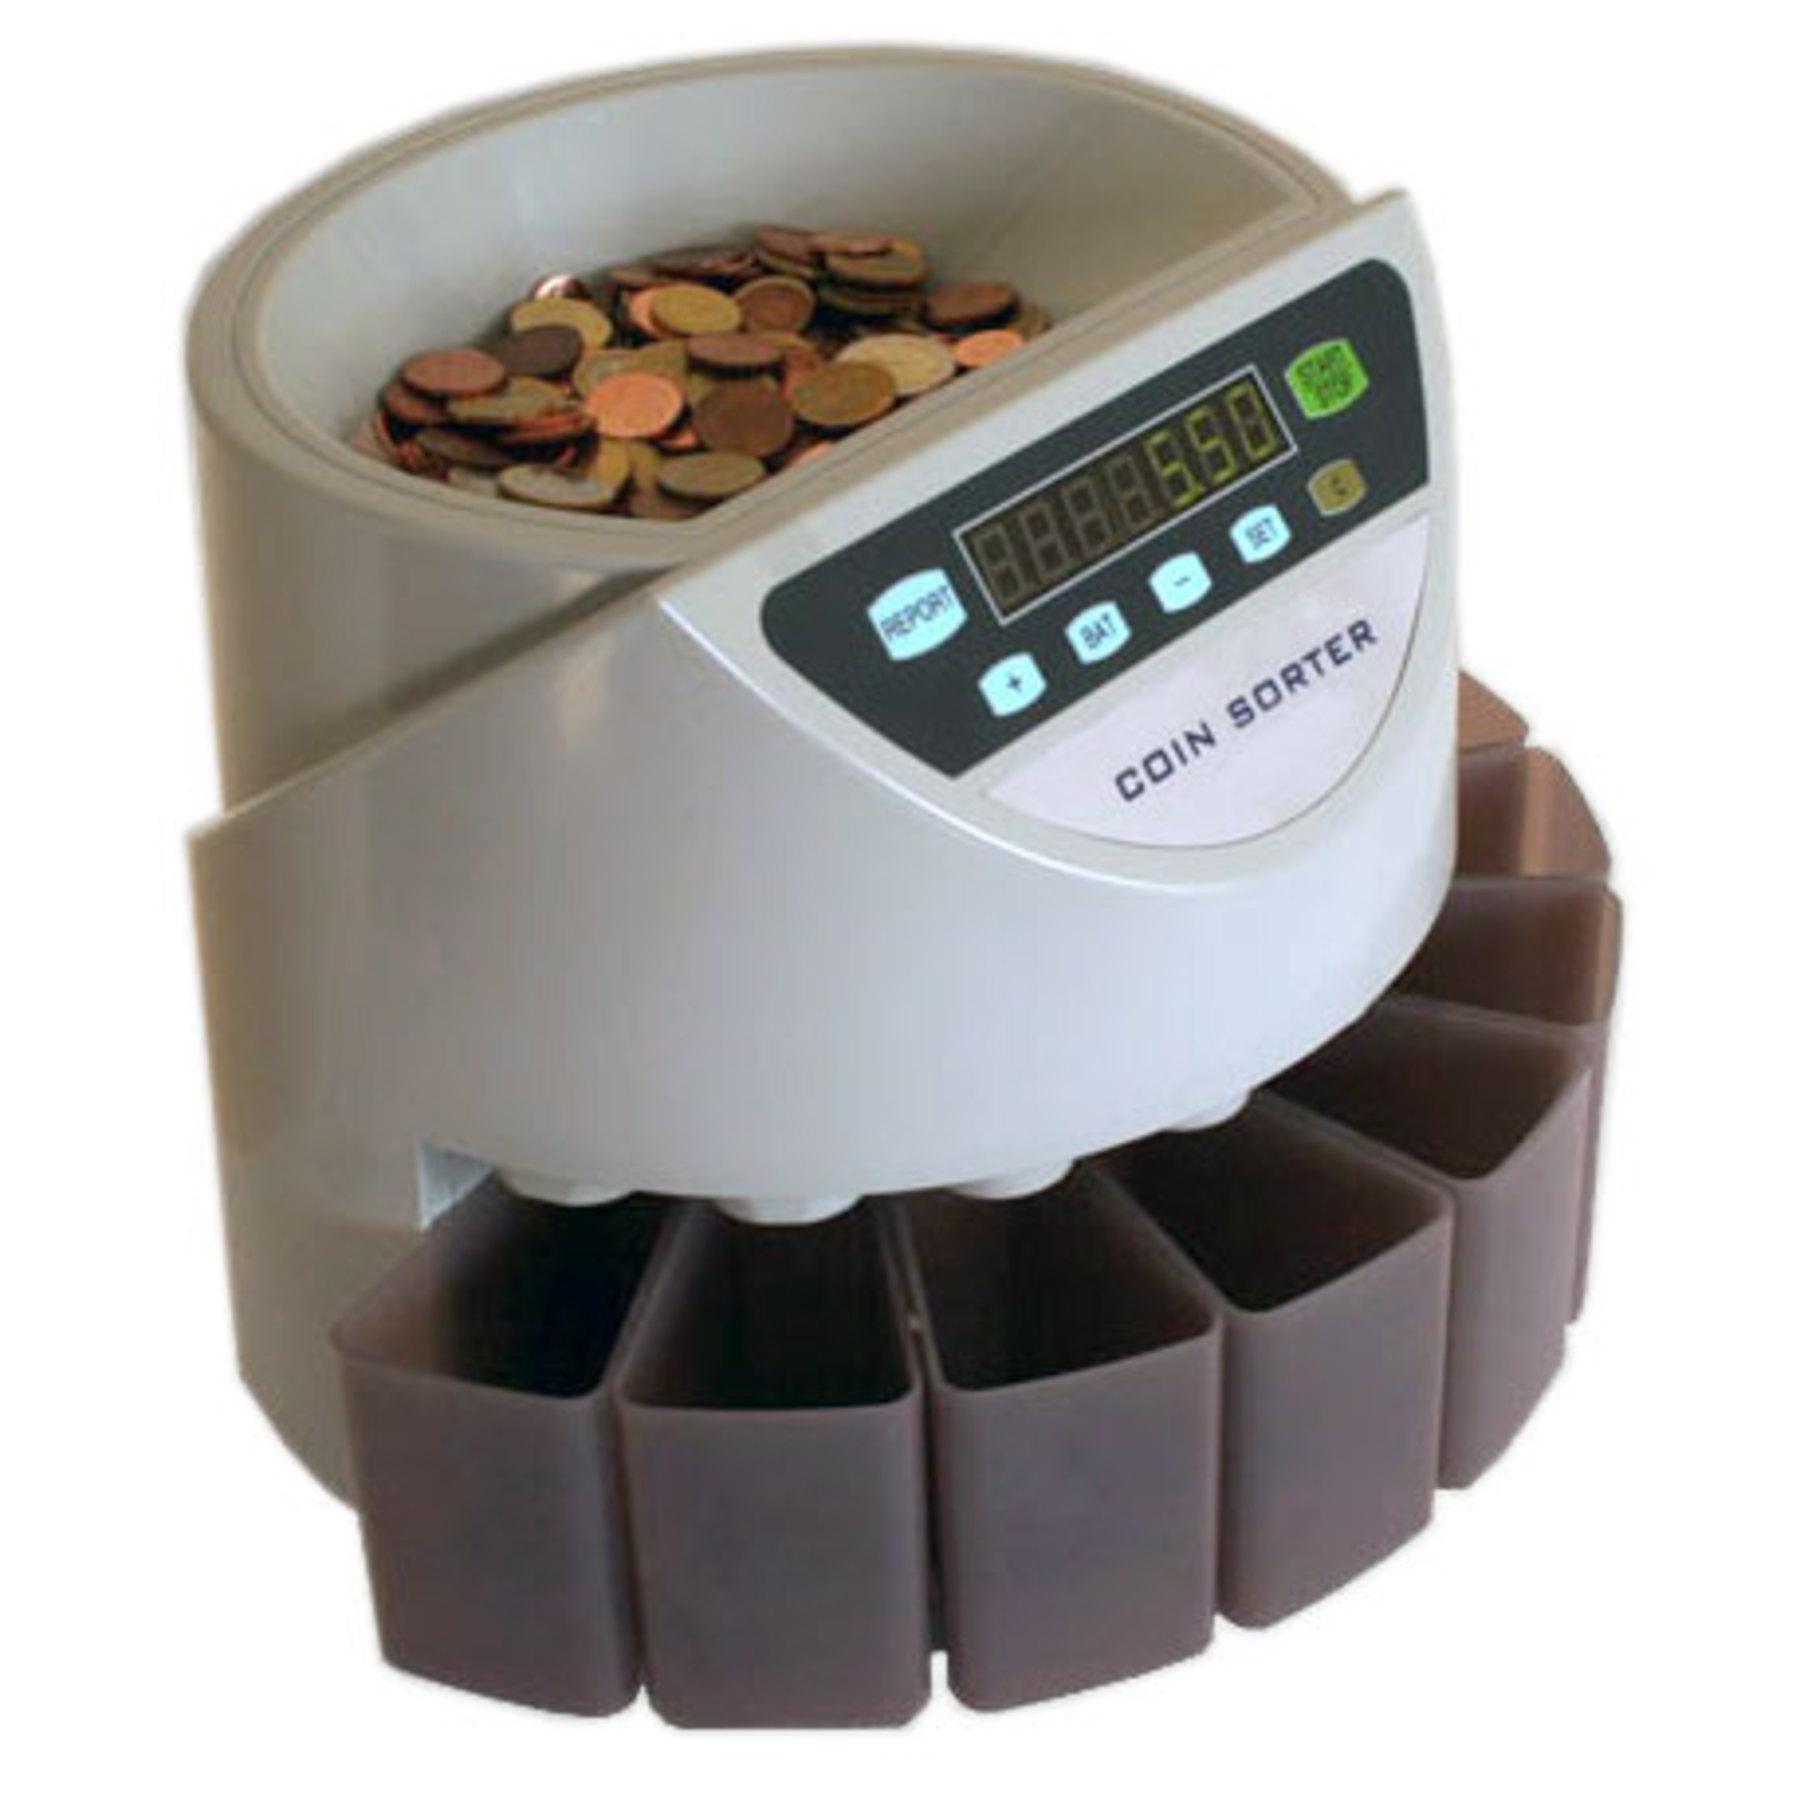 CS250 Coin Counter  amp  Sorter